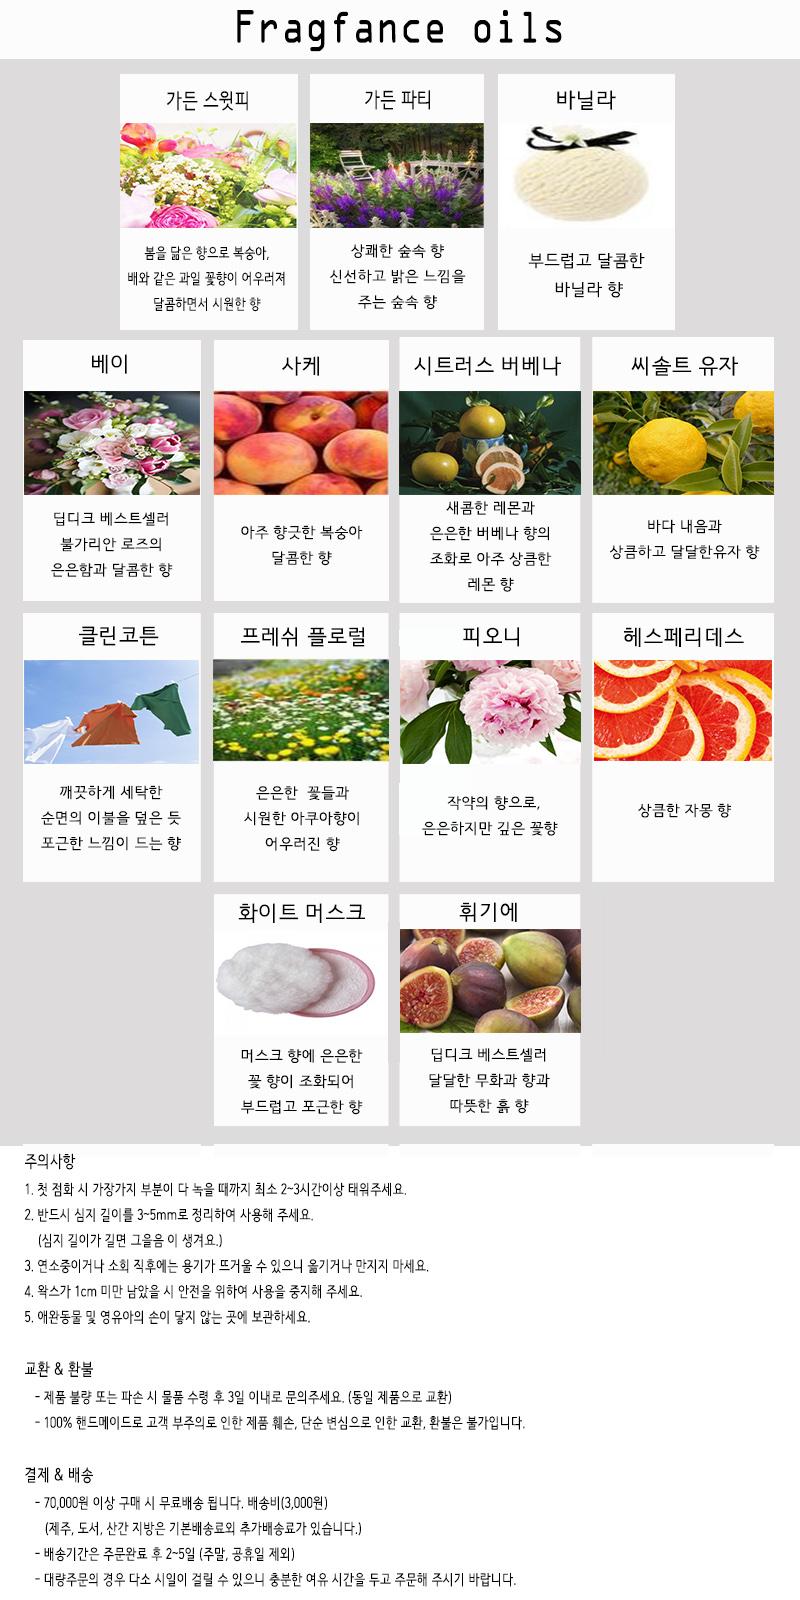 딸기캔들 200ml - 커밍캔들, 24,000원, 캔들, 아로마 캔들